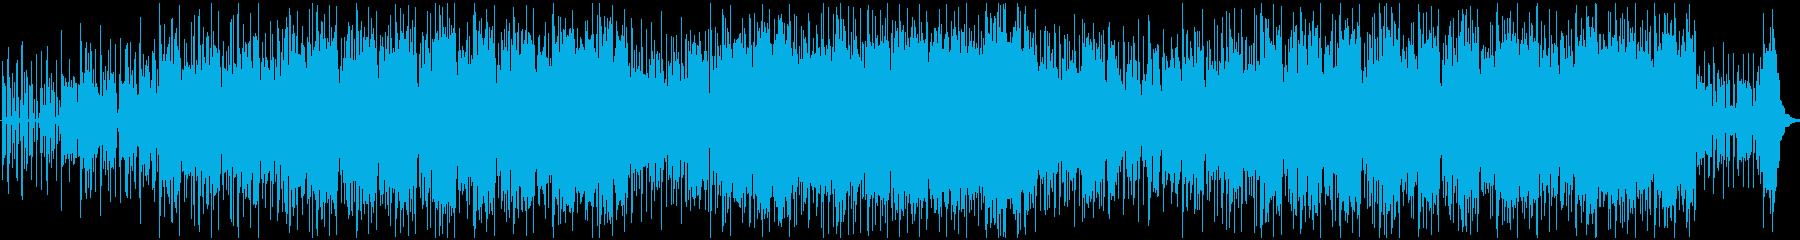 アップビートなビッグバンド、アシッ...の再生済みの波形